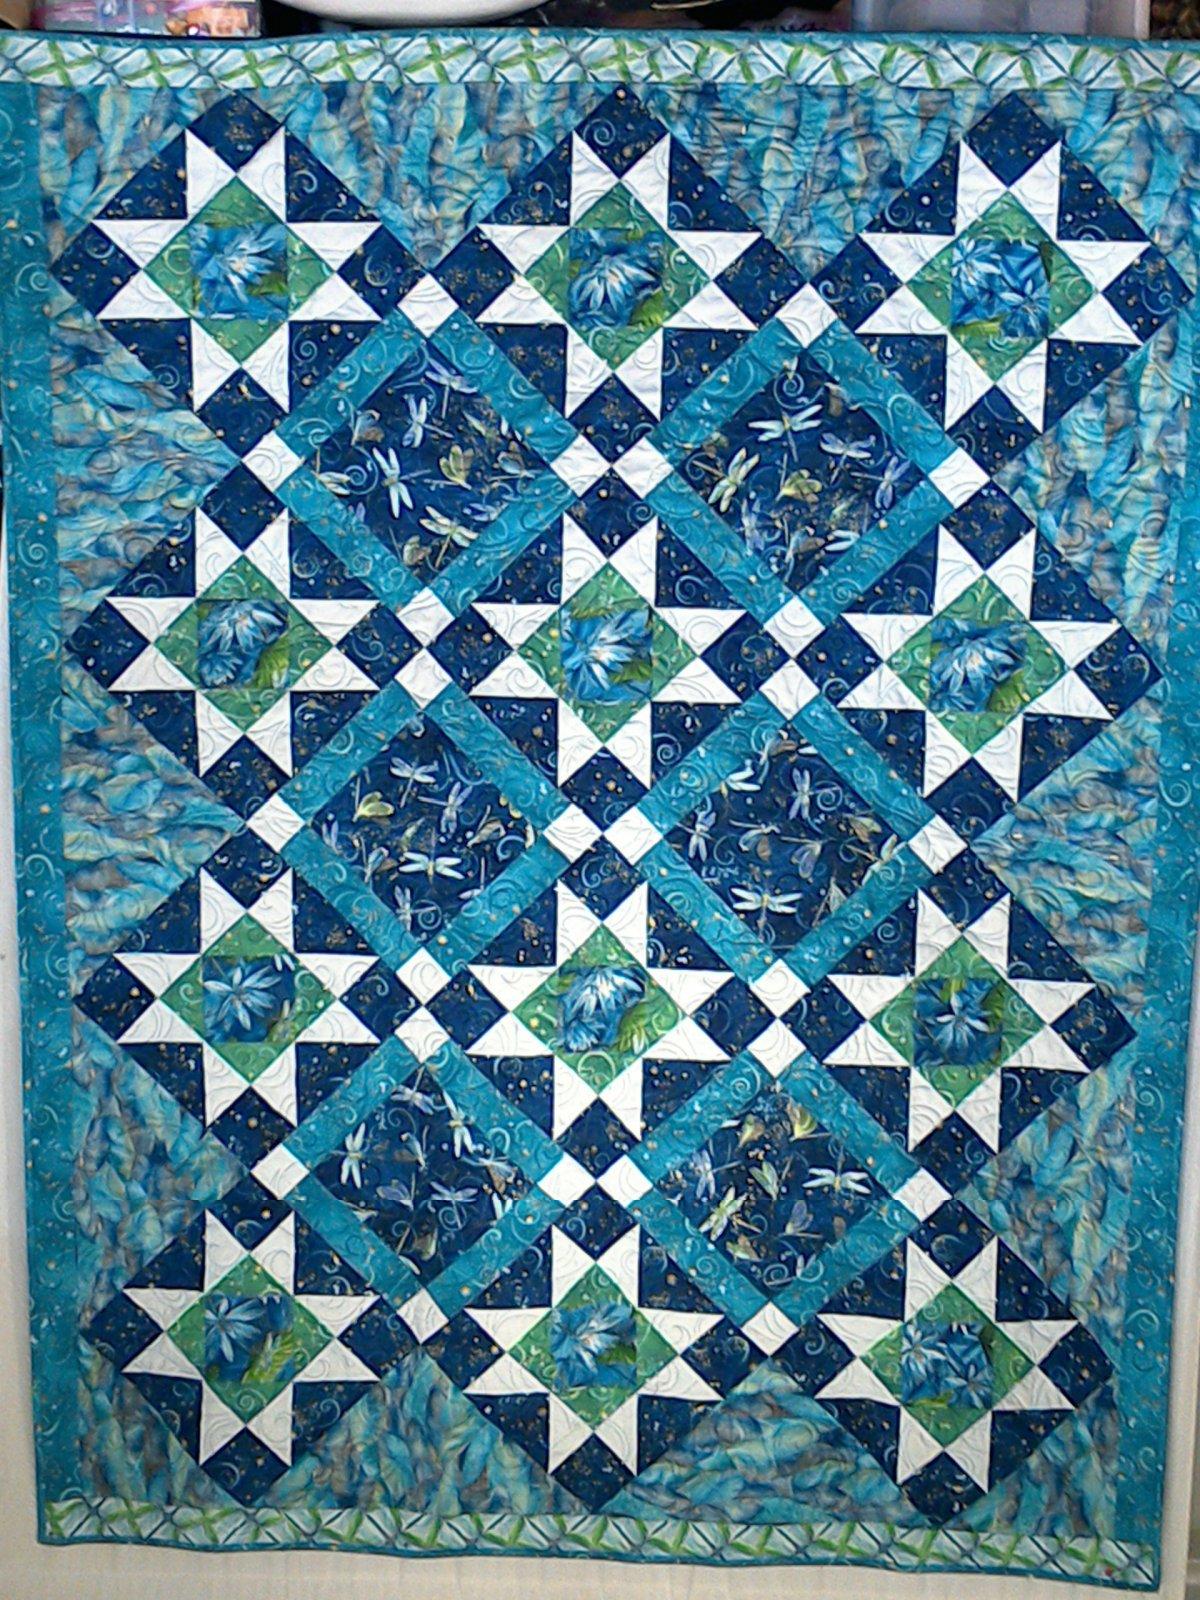 Vicky S Fabrics Gallery Of Hawaiian Fabrics Kauai Hawaii